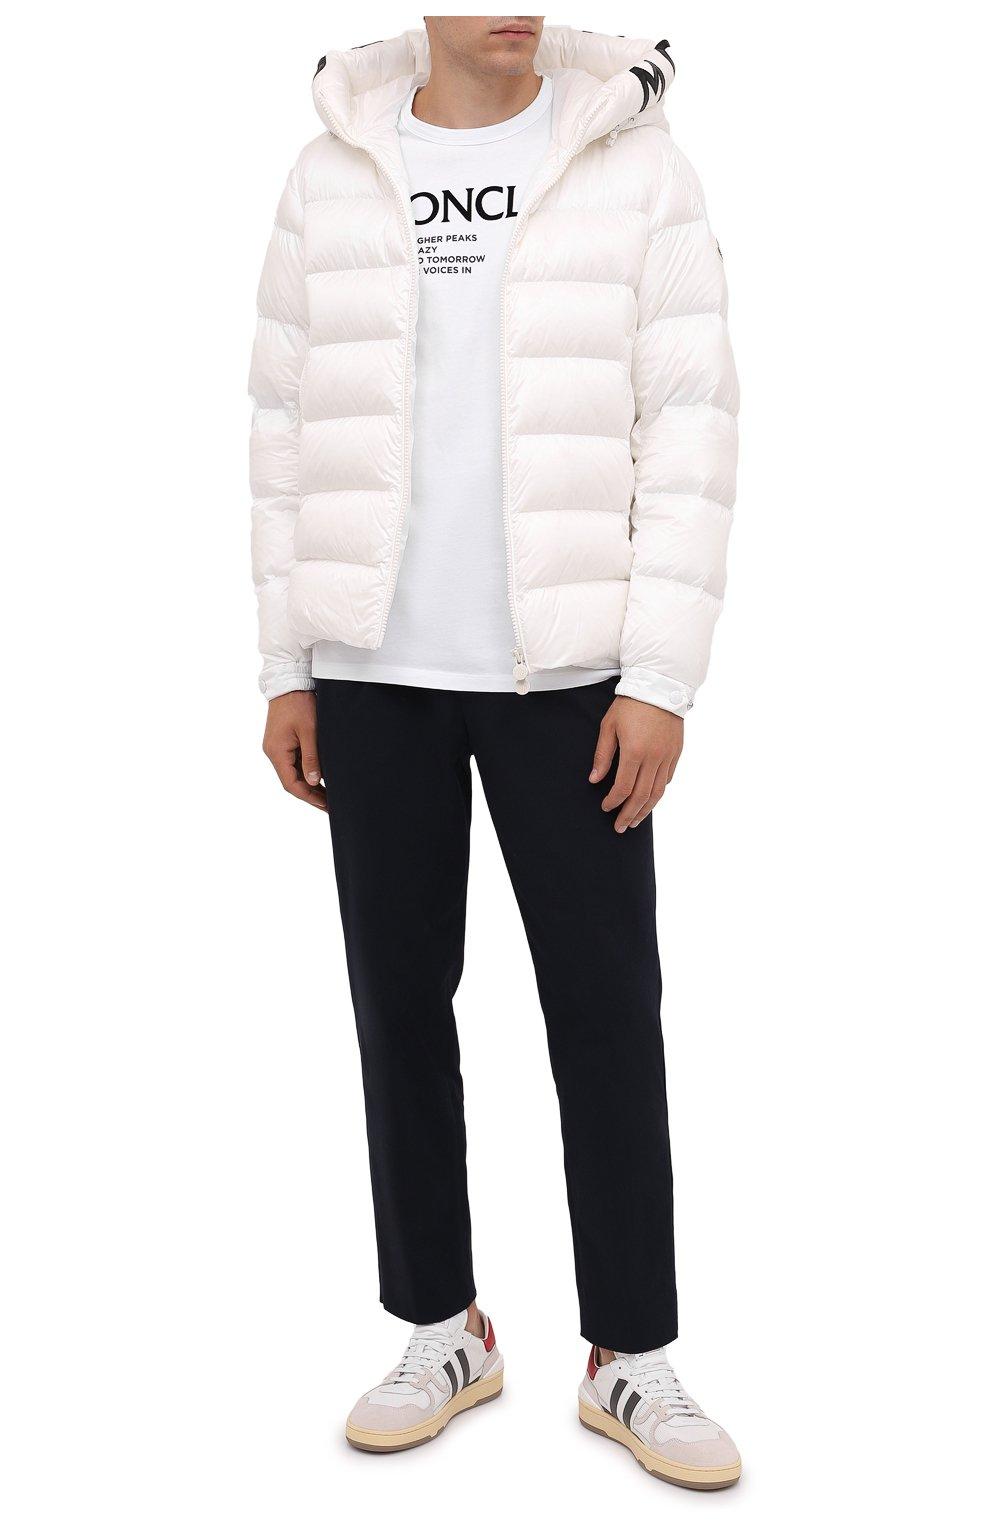 Мужская хлопковая футболка MONCLER белого цвета, арт. G2-091-8C000-42-8390T   Фото 2 (Рукава: Короткие; Длина (для топов): Стандартные; Принт: С принтом; Материал внешний: Хлопок; Стили: Кэжуэл)